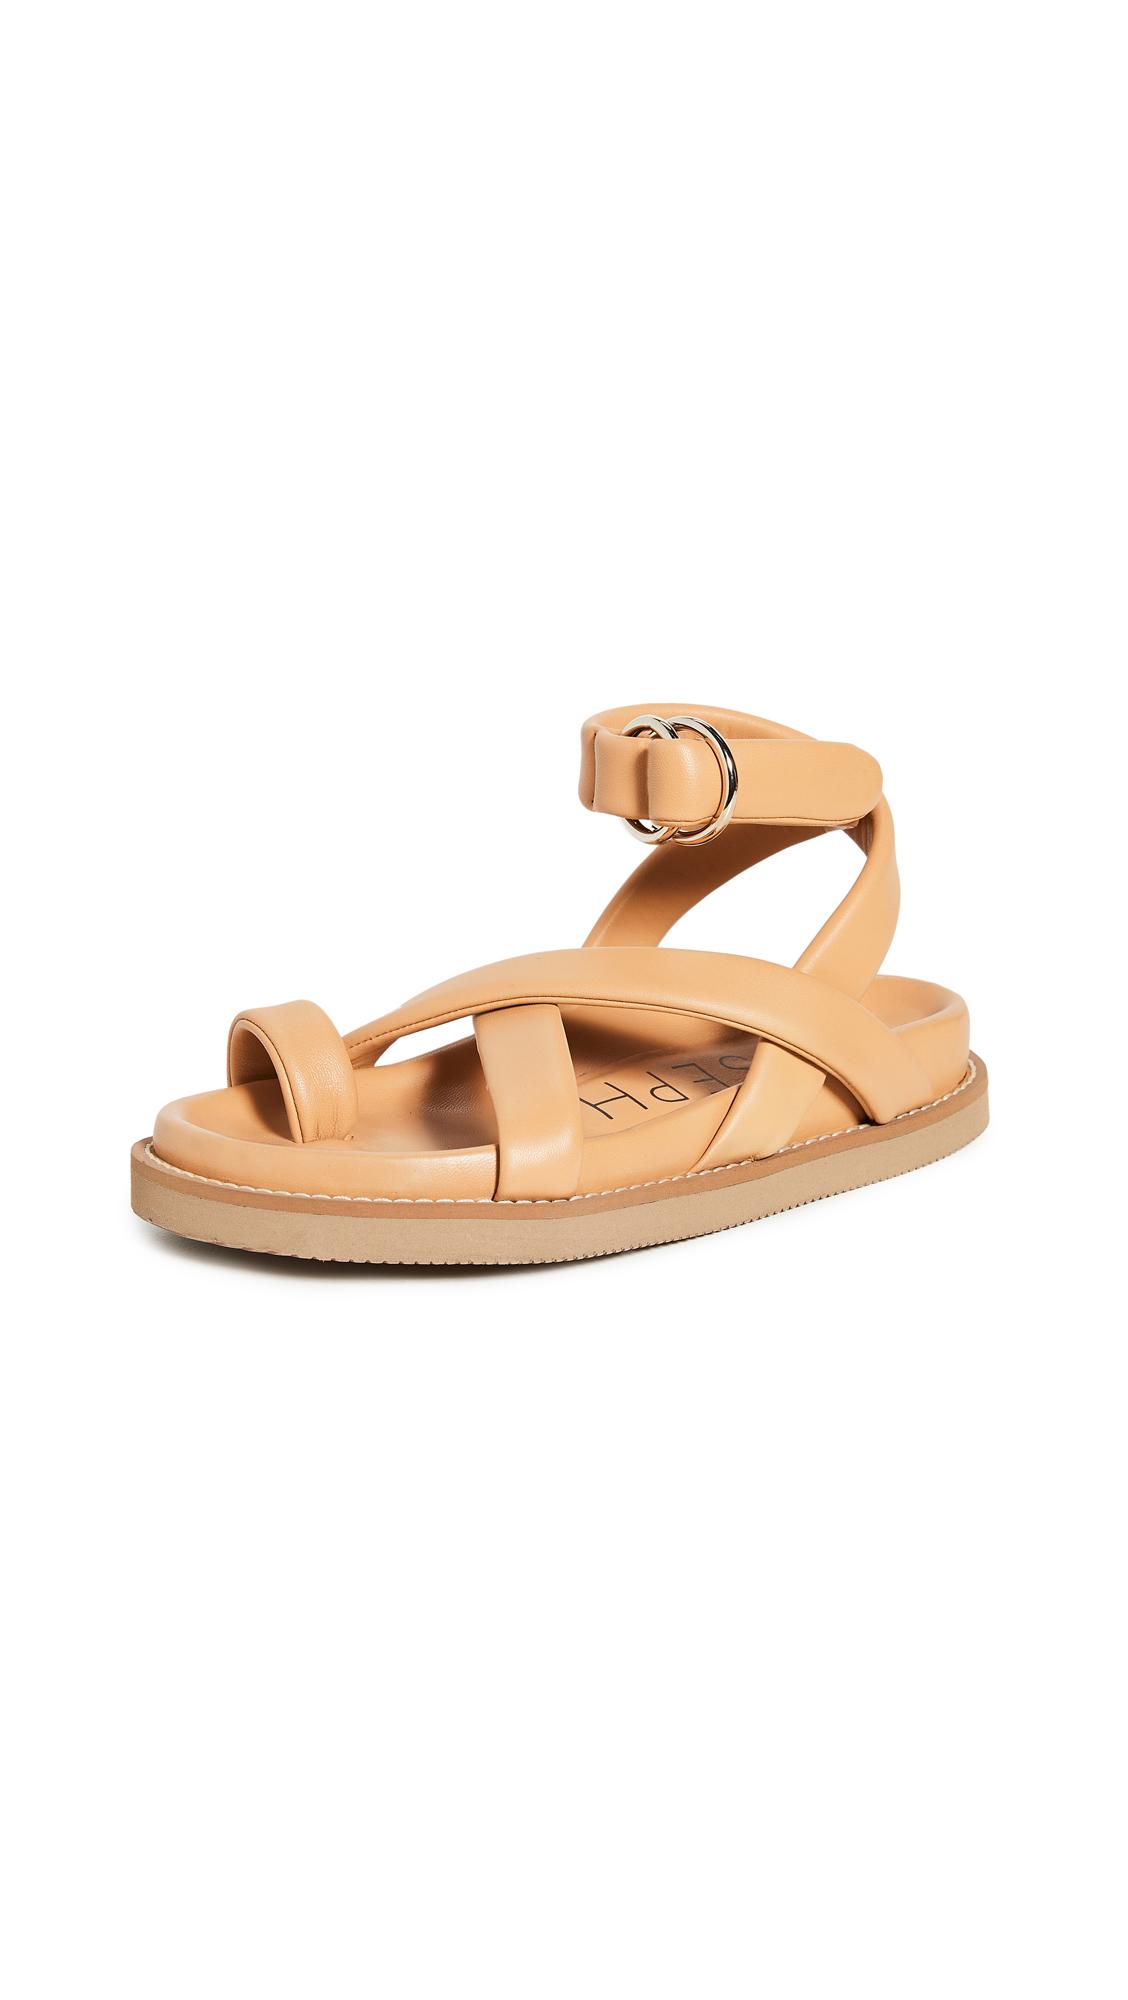 Buy Joseph Thin Leather Wrap Sandals online, shop Joseph